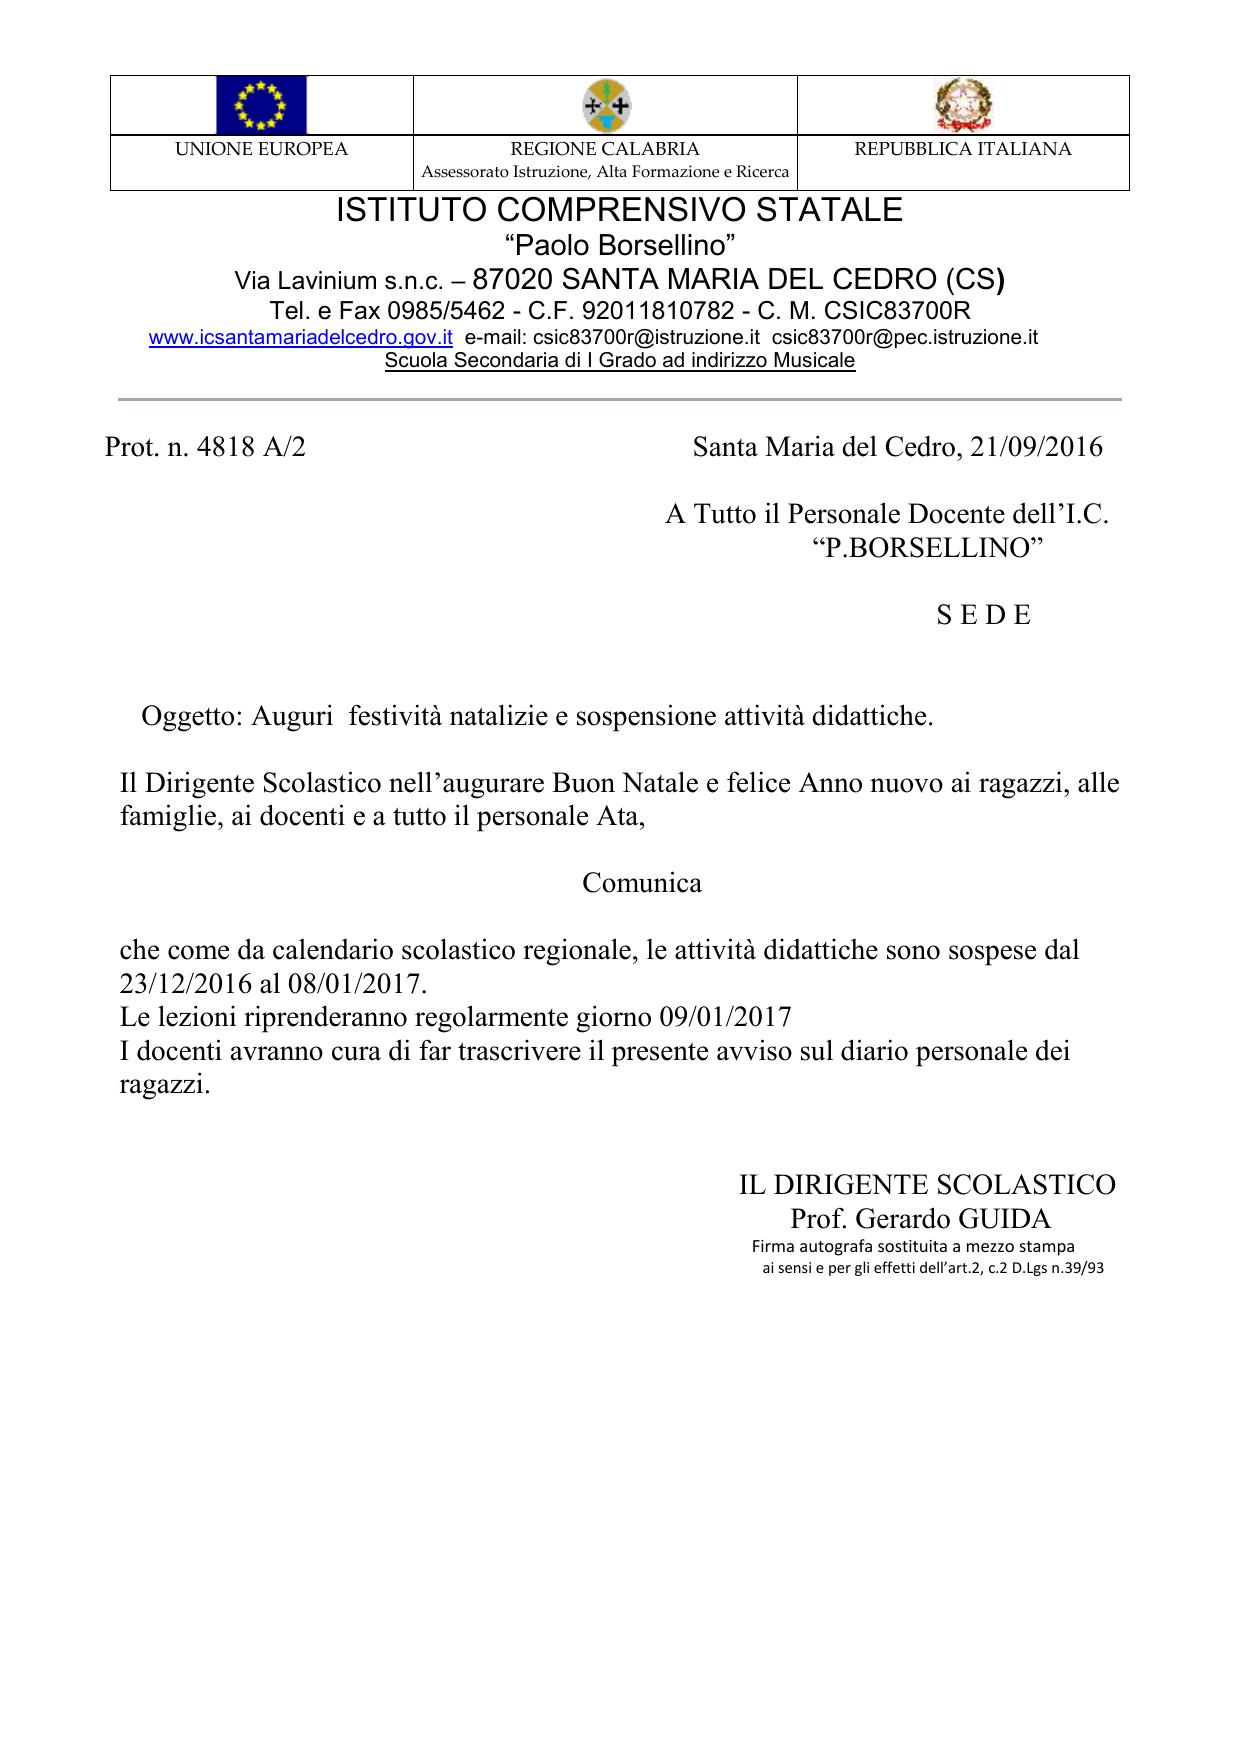 Csa Napoli Calendario Scolastico Regionale.Distretto Scolastico N 19 Ic Borsellino